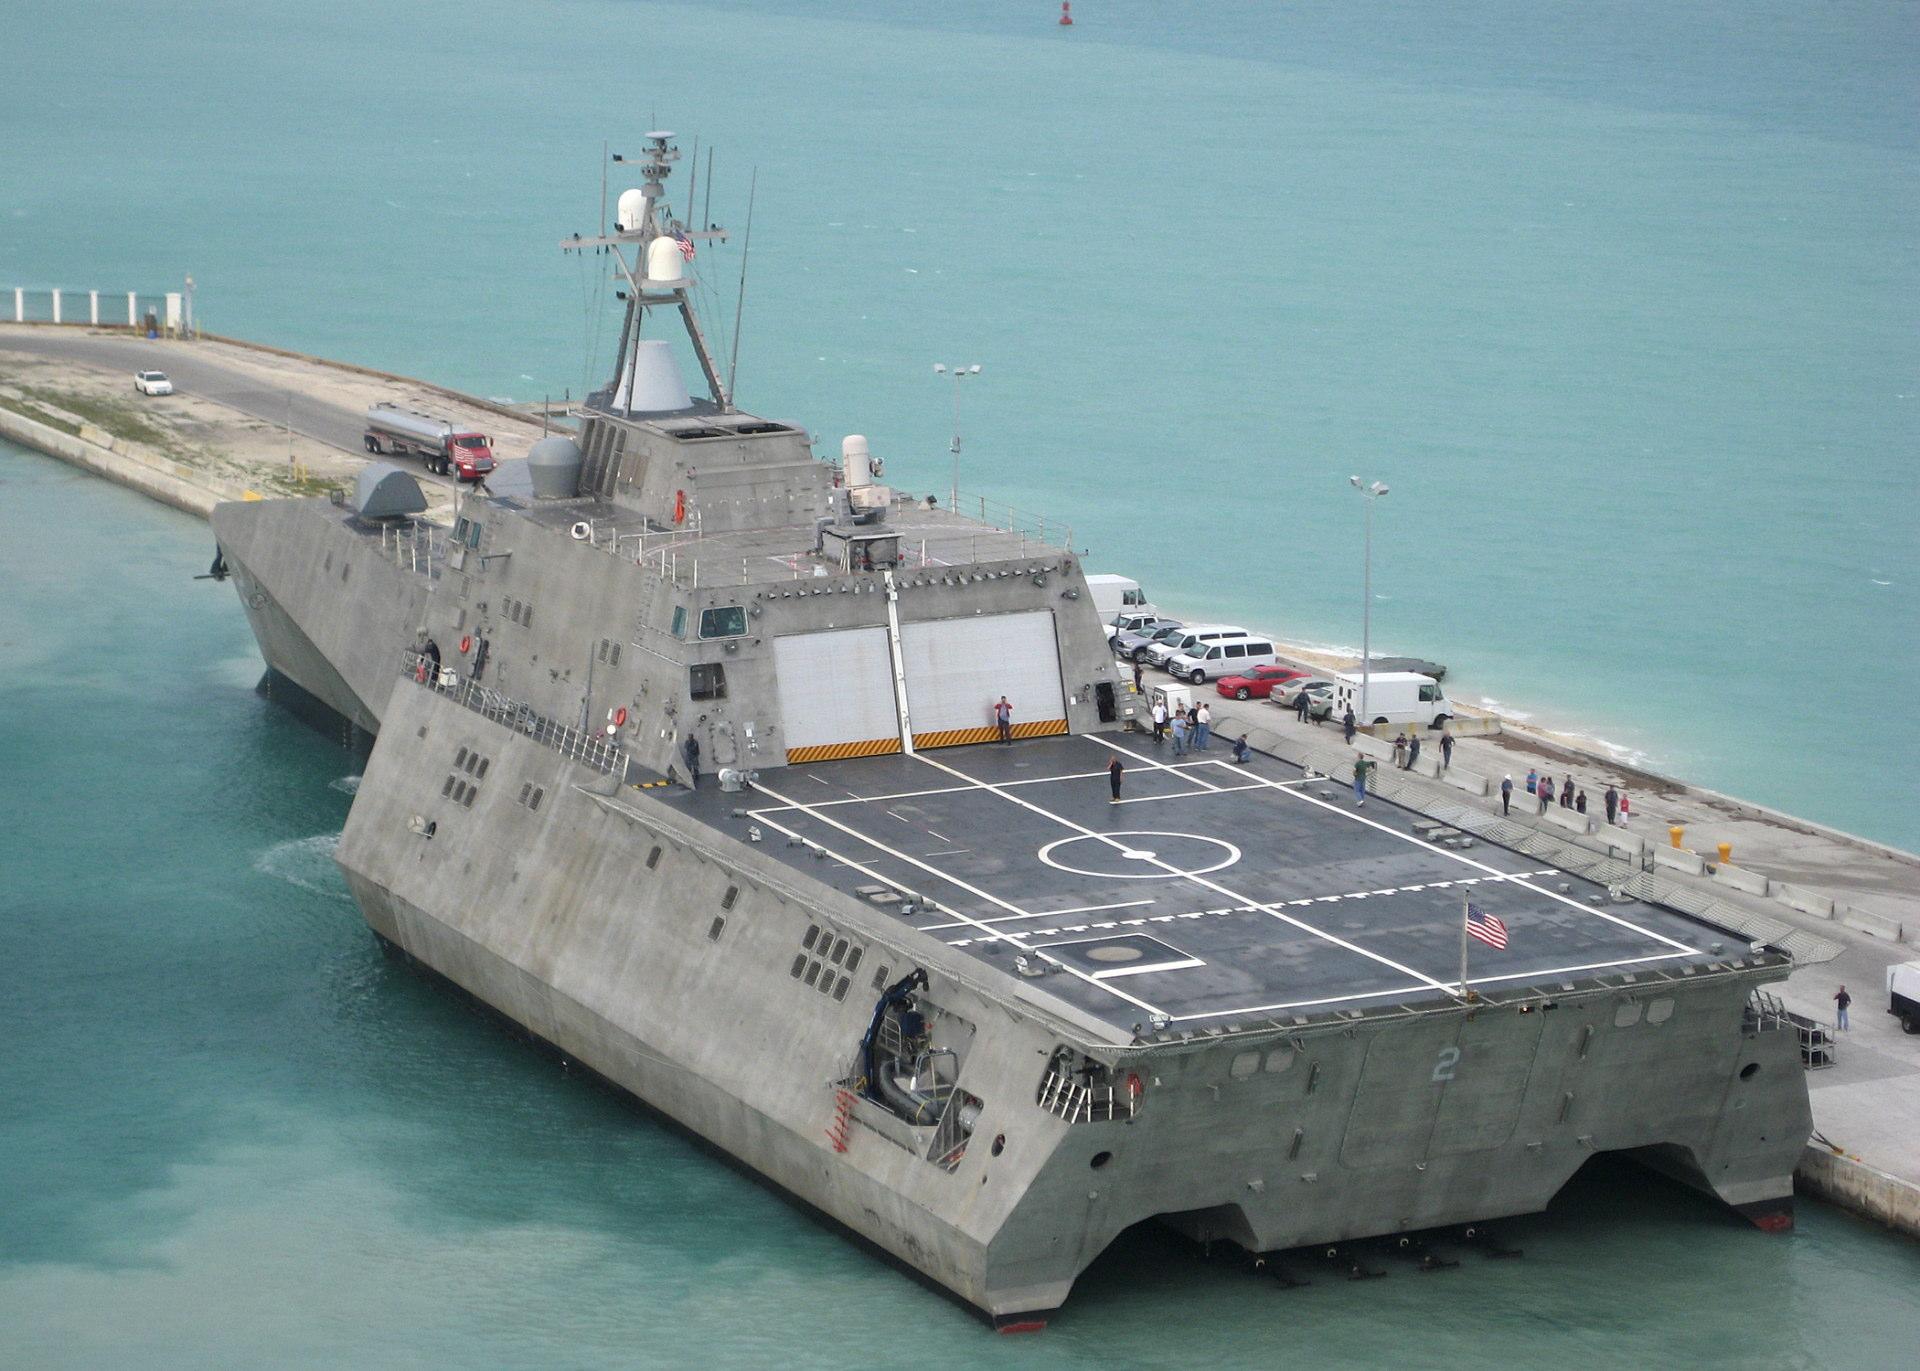 米海軍沿海域戦闘艦(LCS)、日本配備へ